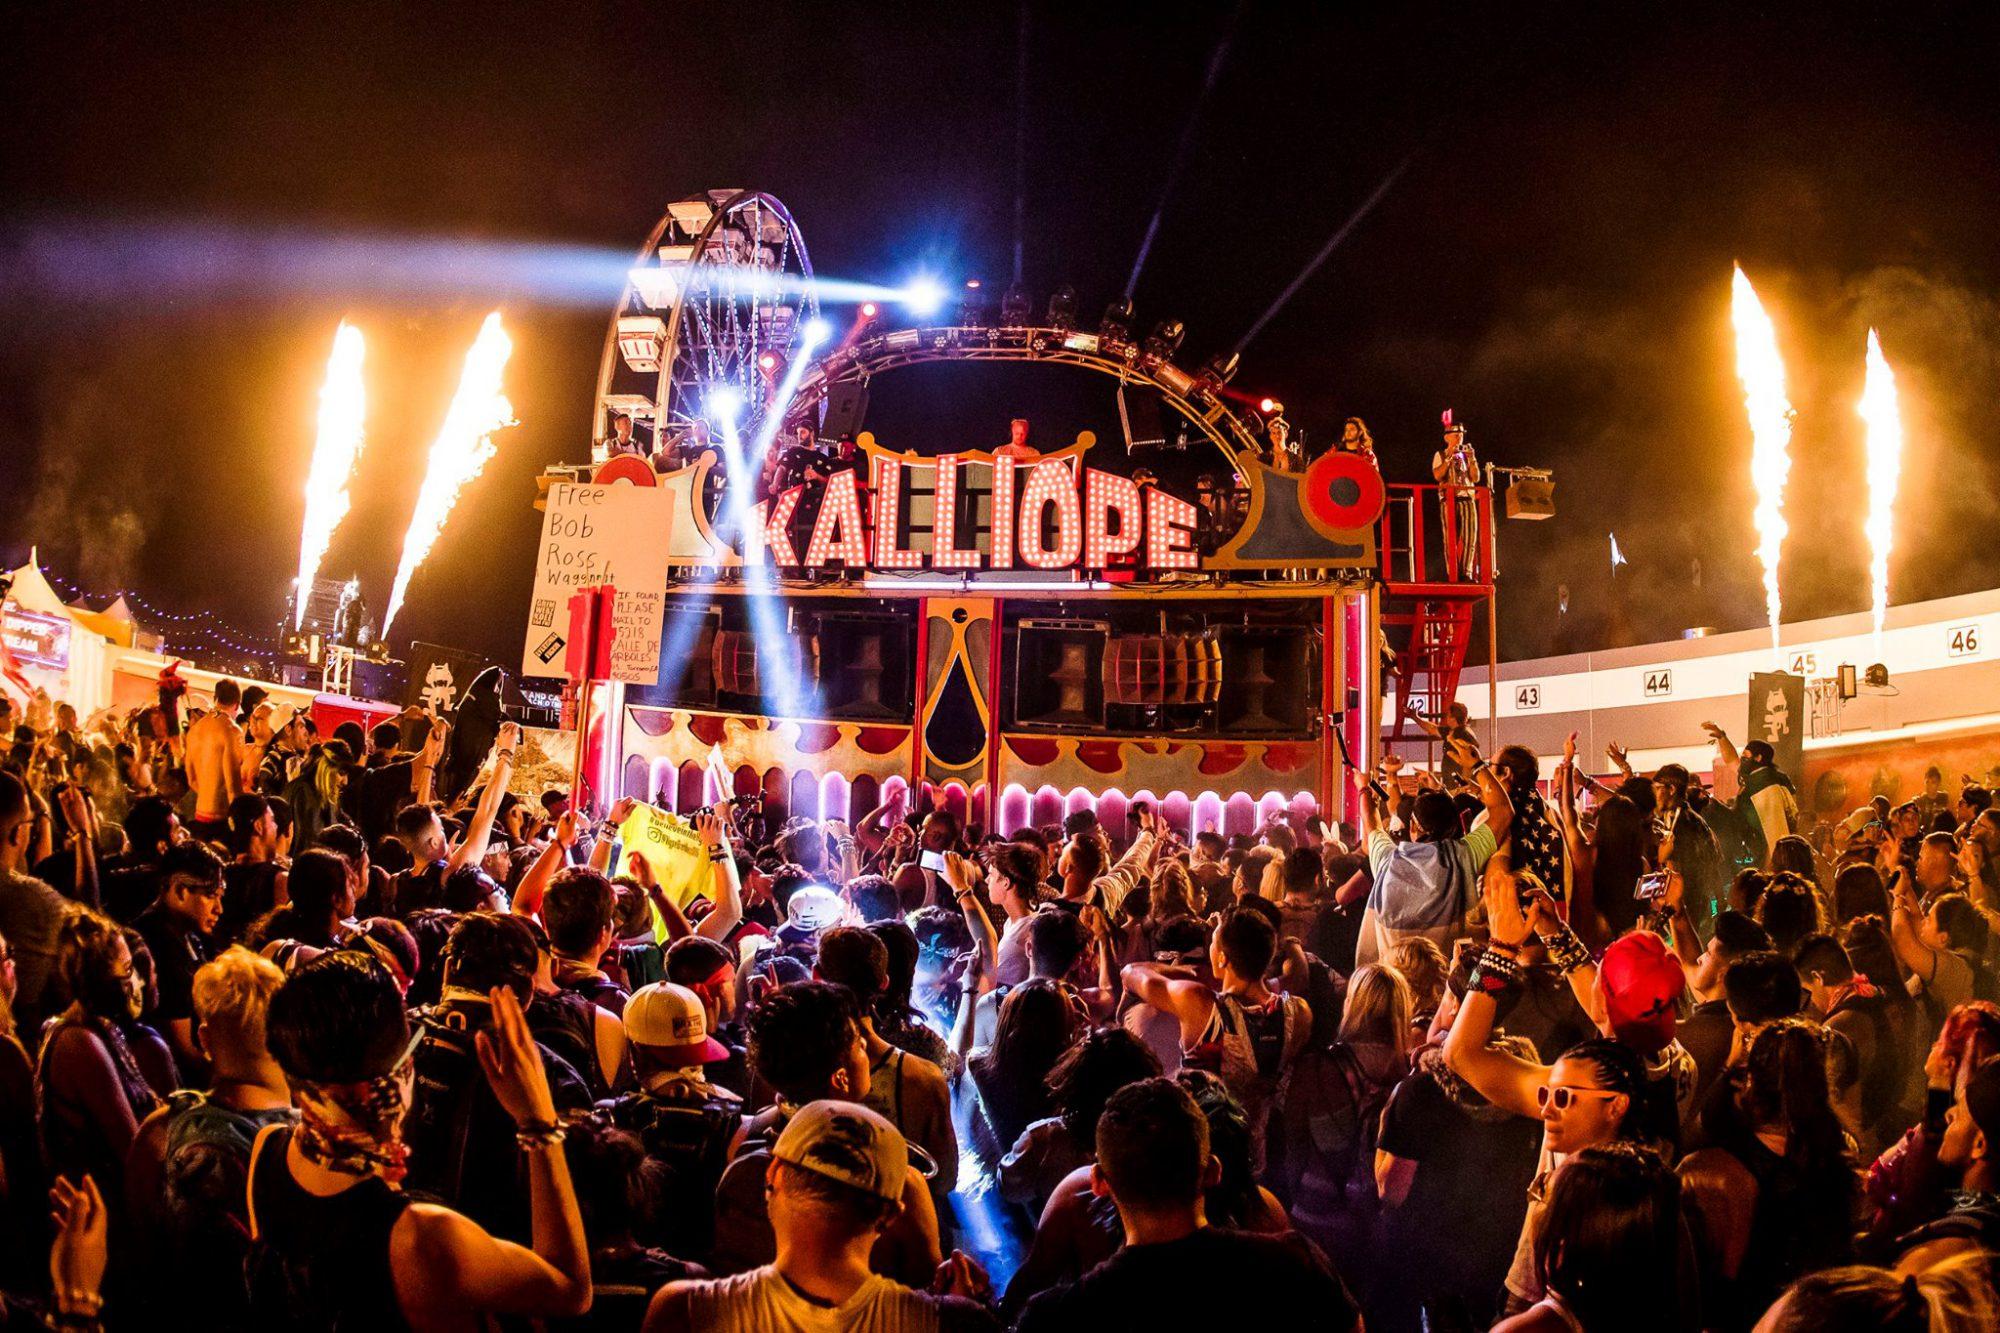 Monstercat Kalliope Art Car Takeover 2017